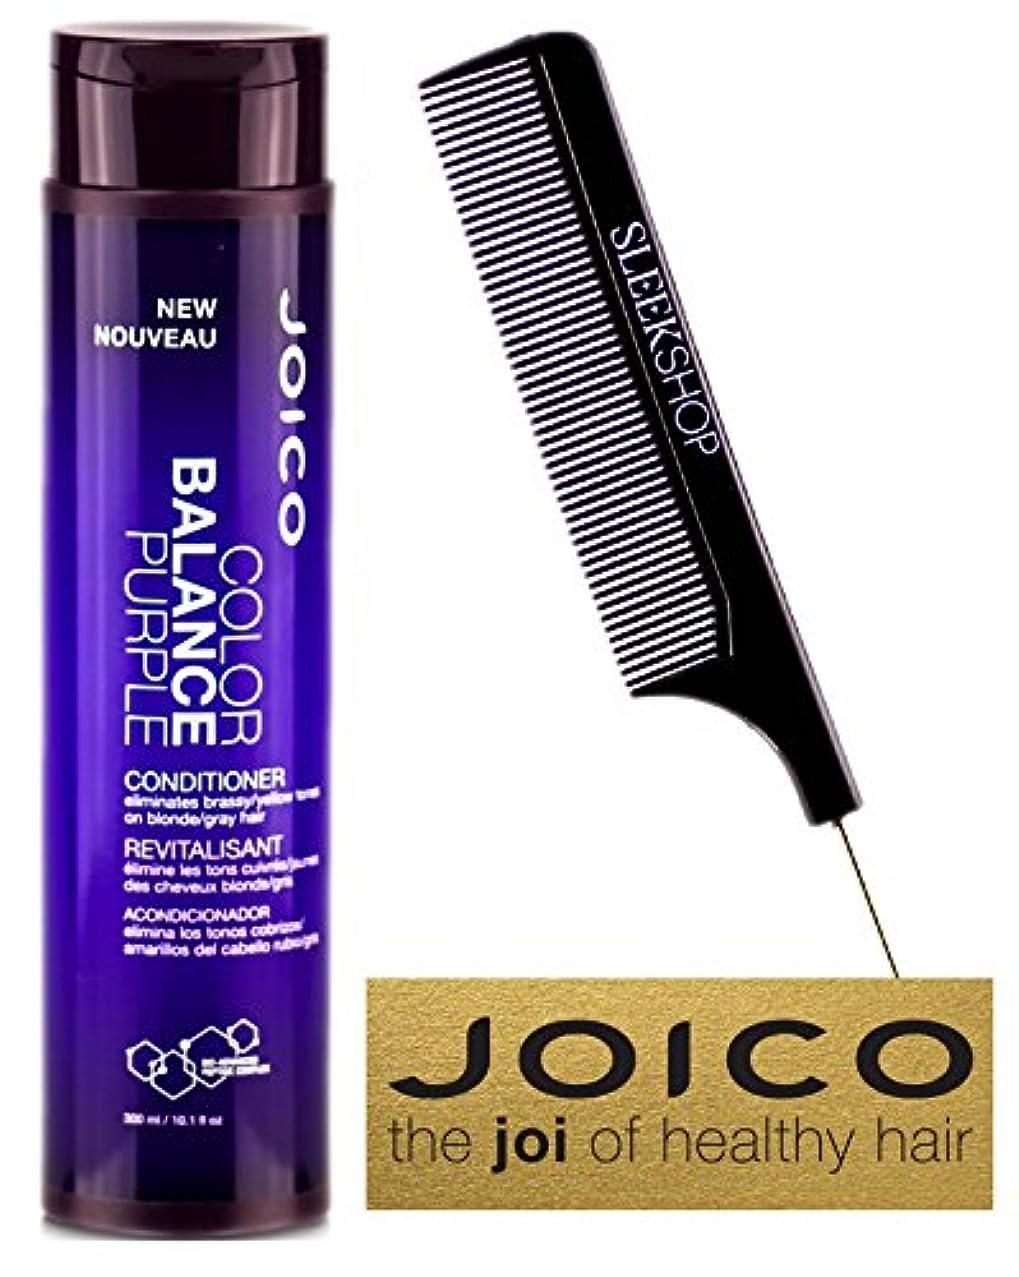 下に向けますコンテンポラリー雑種Color Balance Purple by Joico ジョイコカラーバランスパープルコンディショナー - (なめらかなスチールピンテール櫛で)10.1オンス/ 300ミリリットル(コンディショナー10.1オンス/...